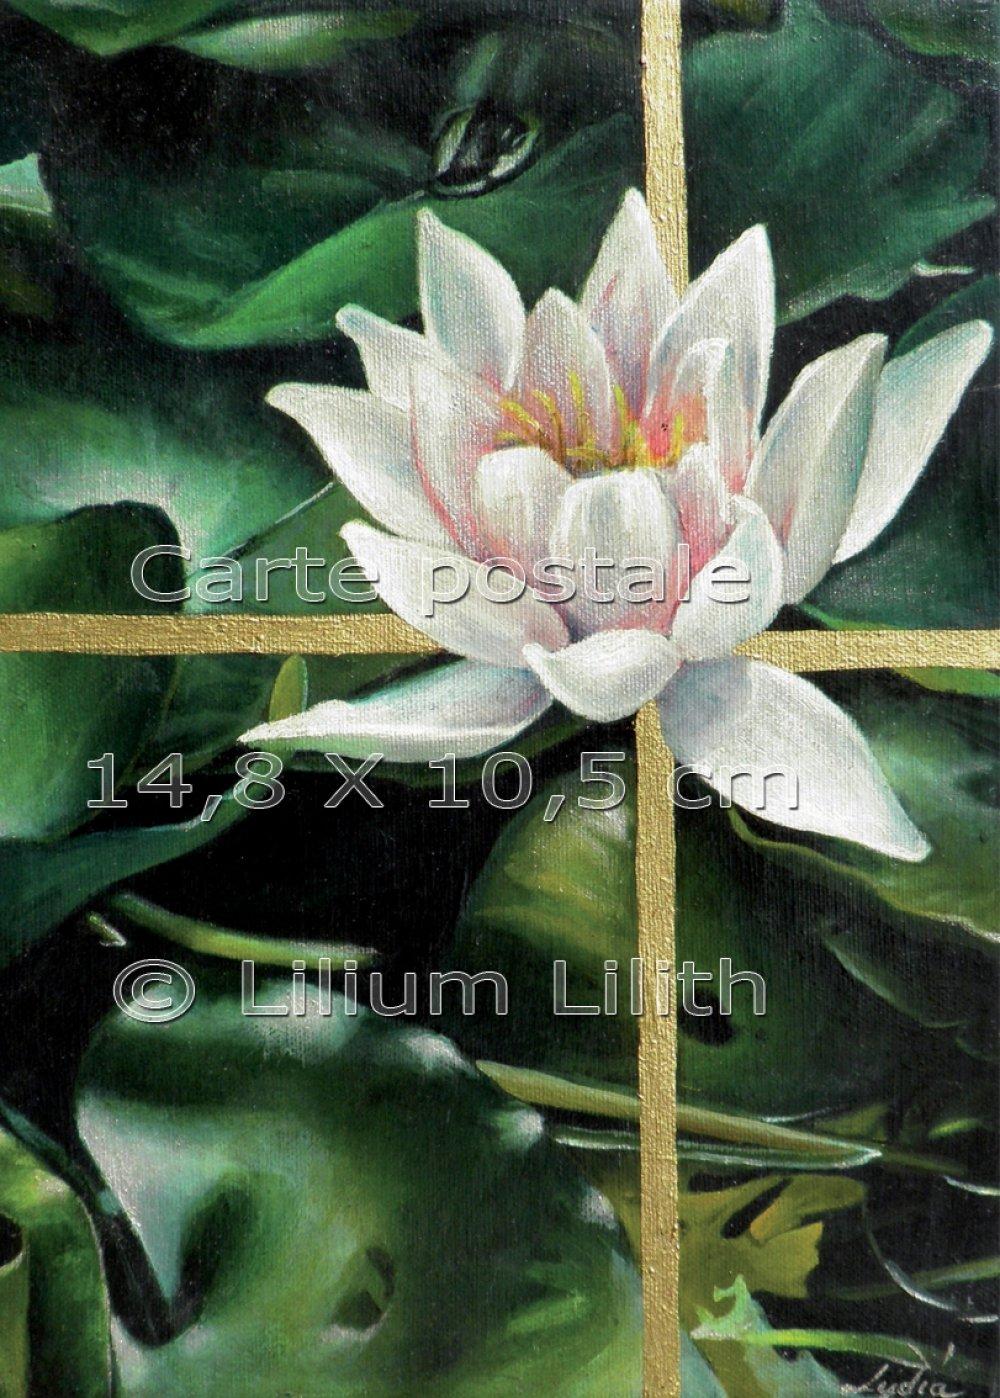 Carte postale, lotus, nénuphar, (peinture à l'huile)